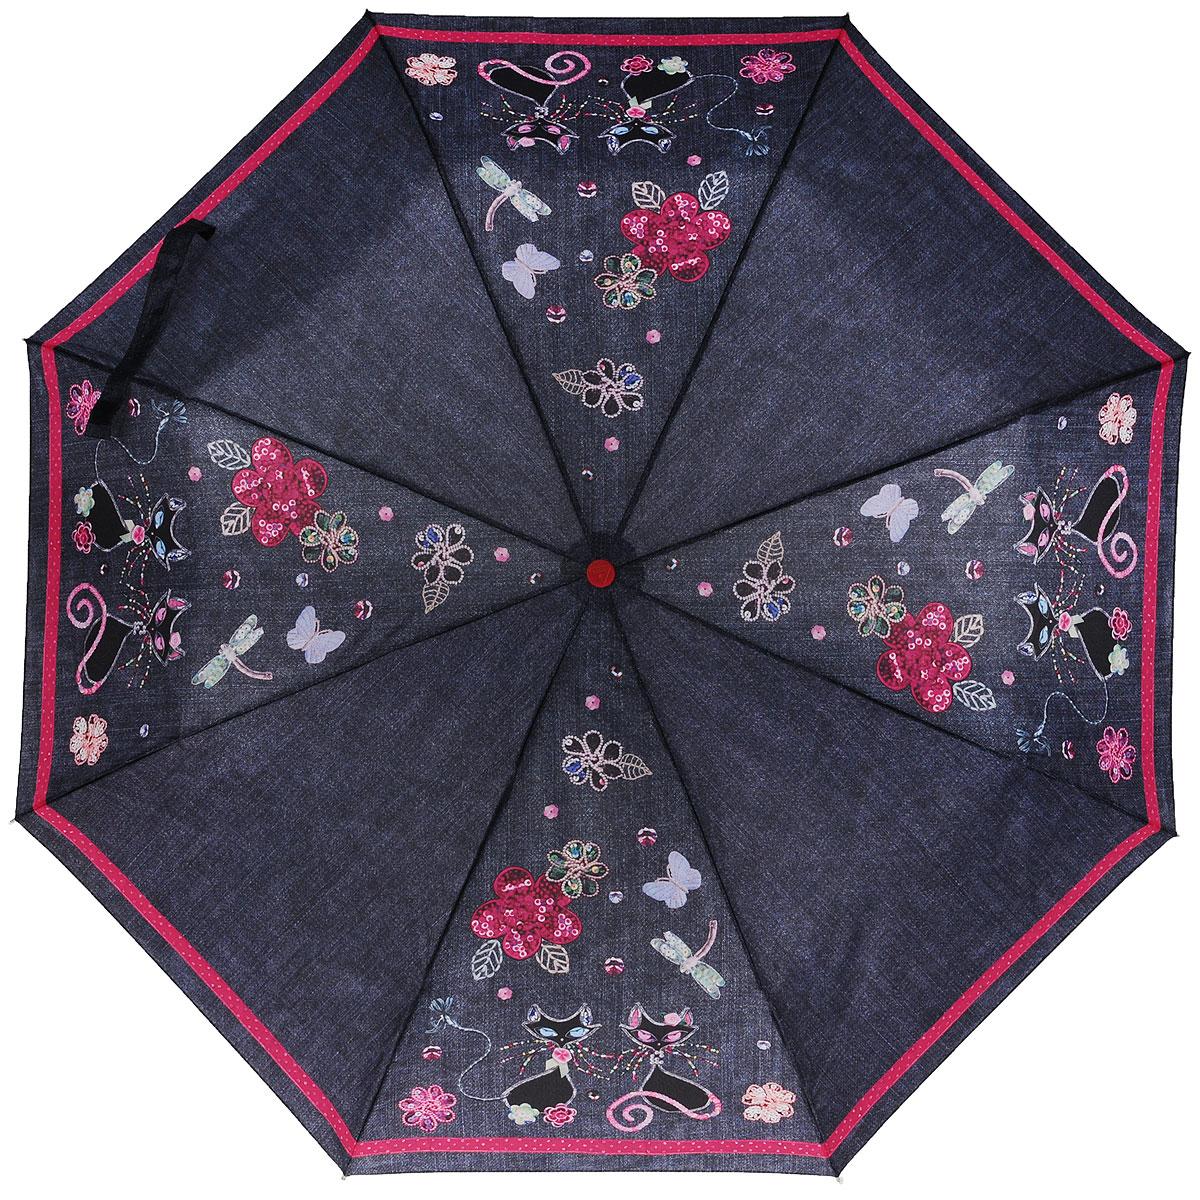 Зонт-автомат женский Fulton, 3 сложения, цвет: серый, розовый. R346-1348R346-1348Оригинальный зонт-автомат Fulton с интересным дизайном произведен из высококачественных материалов. Каркас зонта изготовлен из восьми алюминиевых спиц, стержня из стали и матовой ручки из пластика красного цвета. Купол зонтика выполнен из полиэстера, в джинсовом стиле и оформлен изображением кошечек. Закрытый купол фиксируется хлястиком на липучке. Зонт оснащен автоматическим механизмом в три сложения. Купол открывается и закрывается нажатием кнопки на рукоятке, благодаря чему открыть и закрыть зонт можно одной рукой, что очень удобно при входе в транспорт или помещение, стержень складывается вручную до характерного щелчка. Рукоятка зонта для удобства оснащена шнурком, позволяющим при необходимости надеть зонт на руку. Благодаря компактным размерам зонта в сложенном виде, можно без труда поместить его в сумочку. Зонт поставляется в чехле. Женский зонт Fulton станет для вас модным и стильным аксессуаром в ненастную погоду.